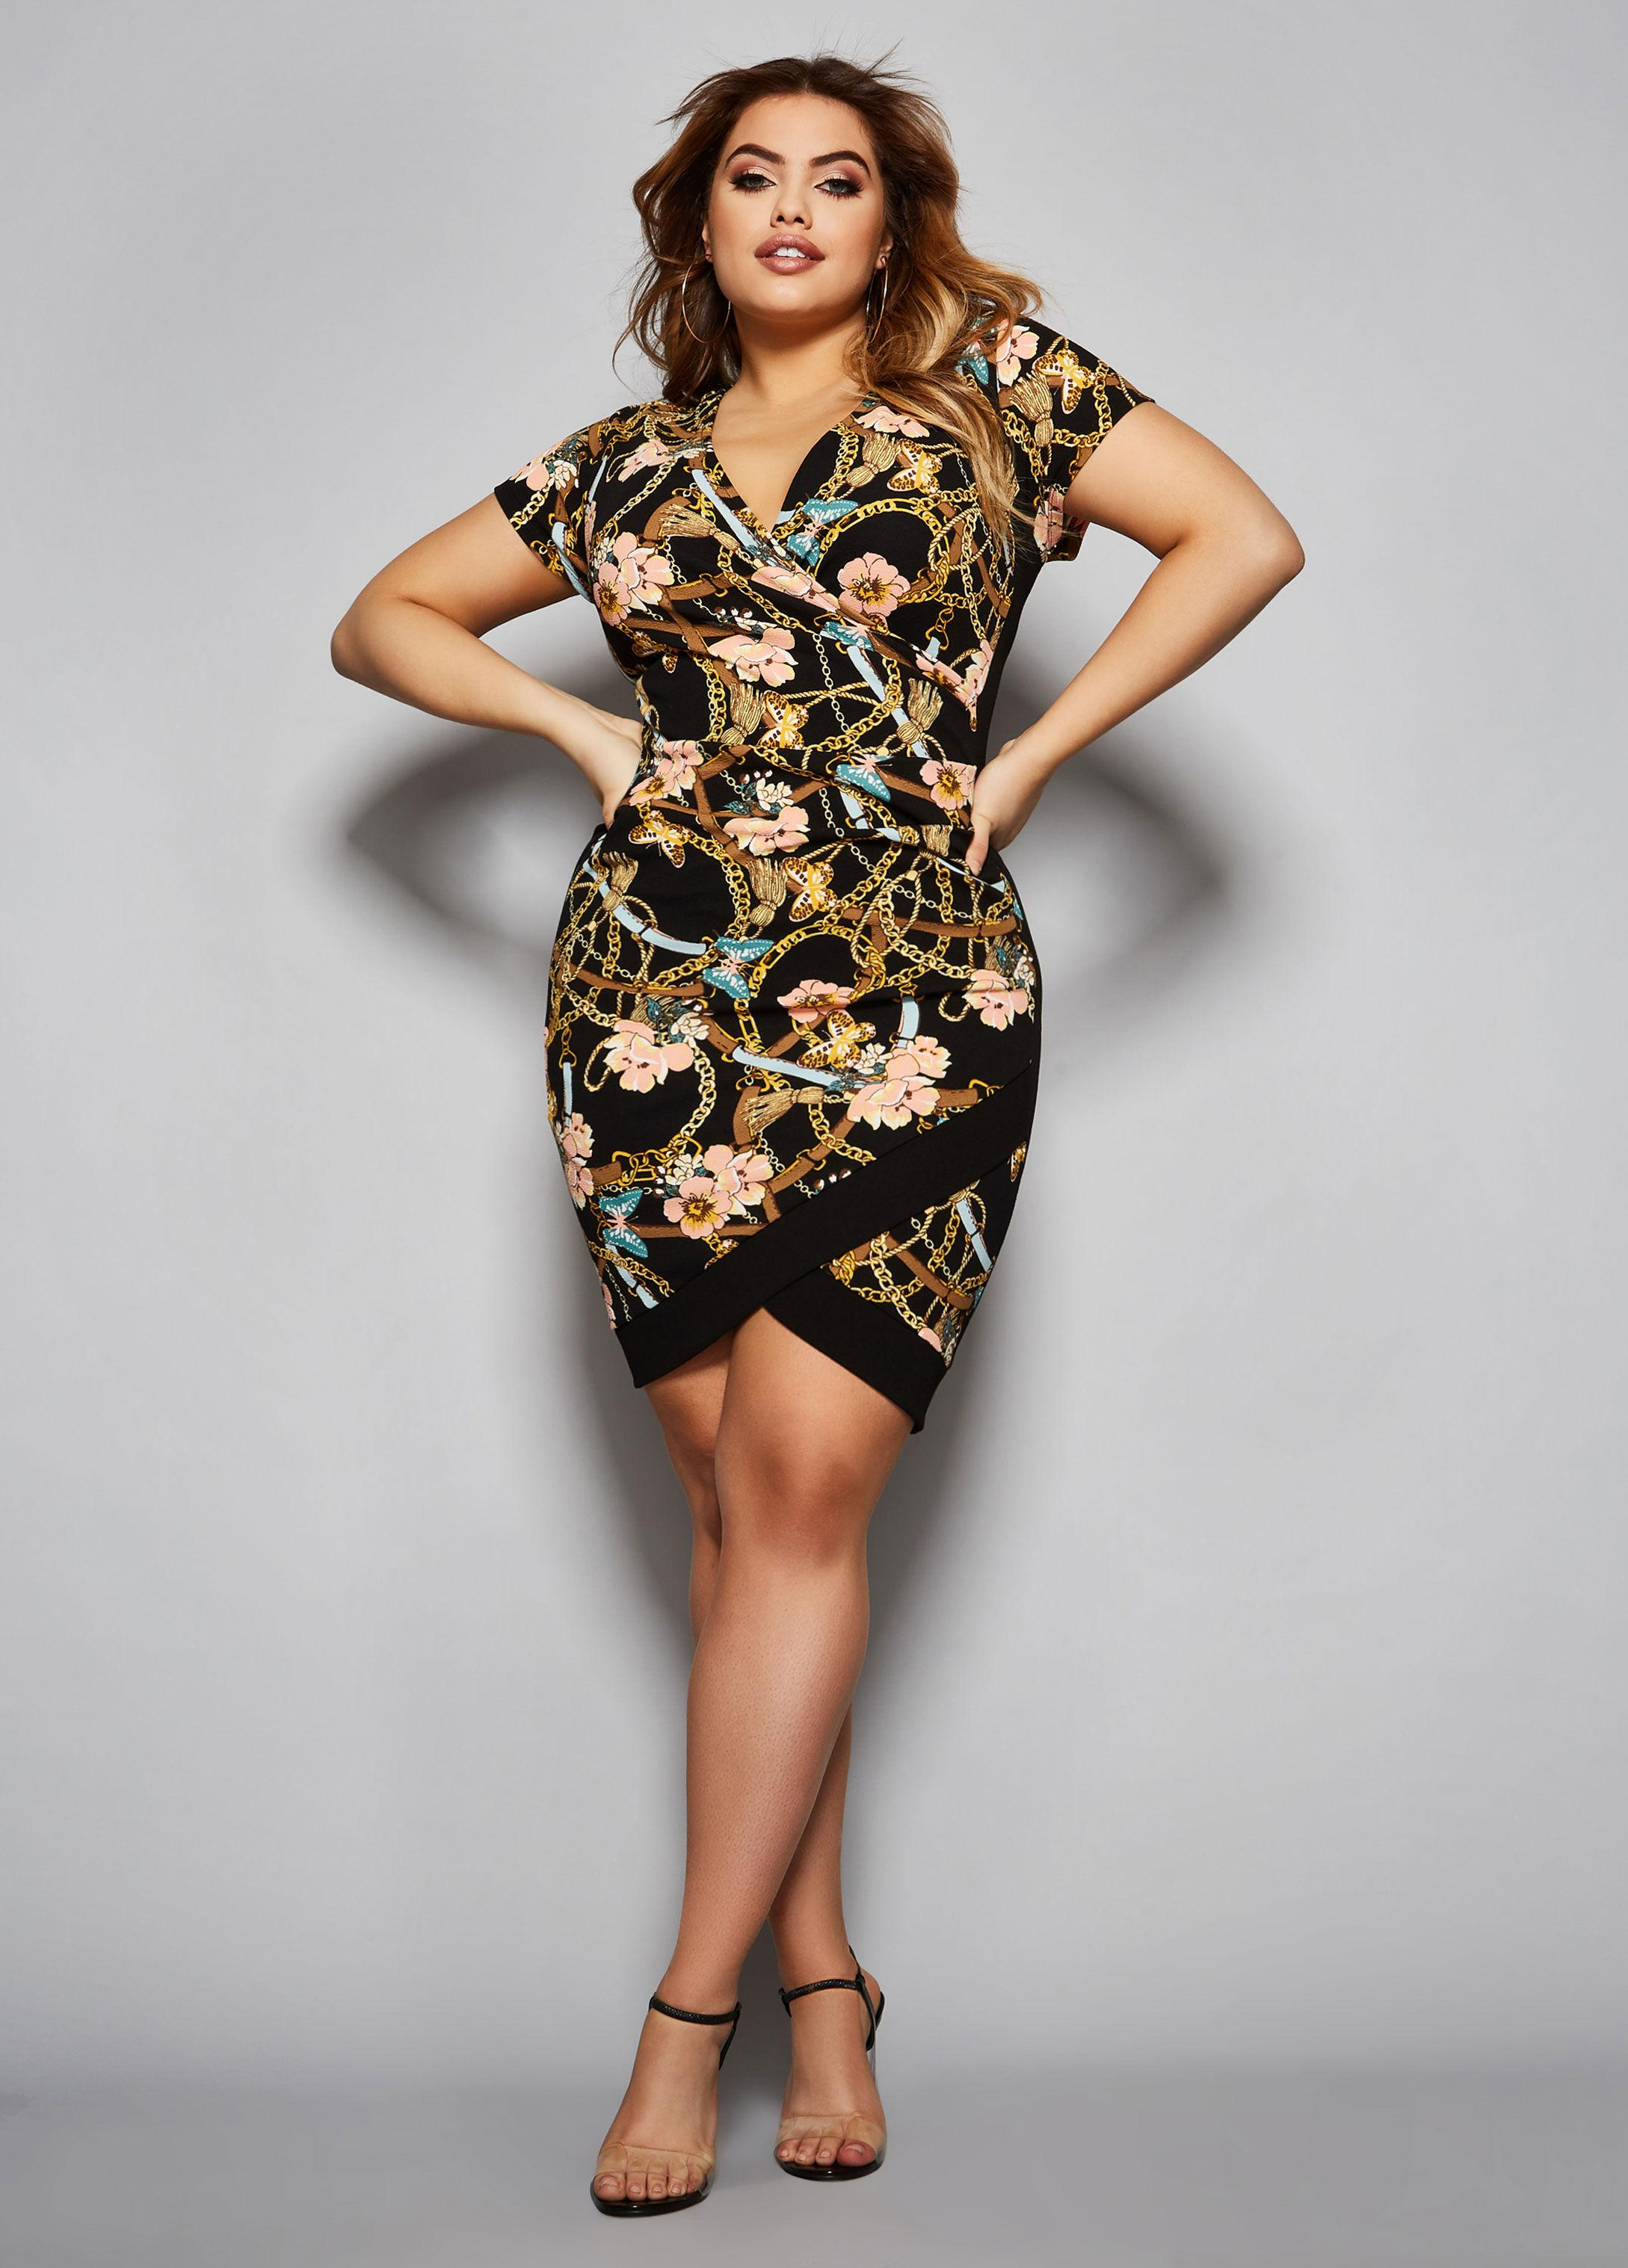 062071b57df Plus Size Prom Dresses Ashley Stewart - Data Dynamic AG